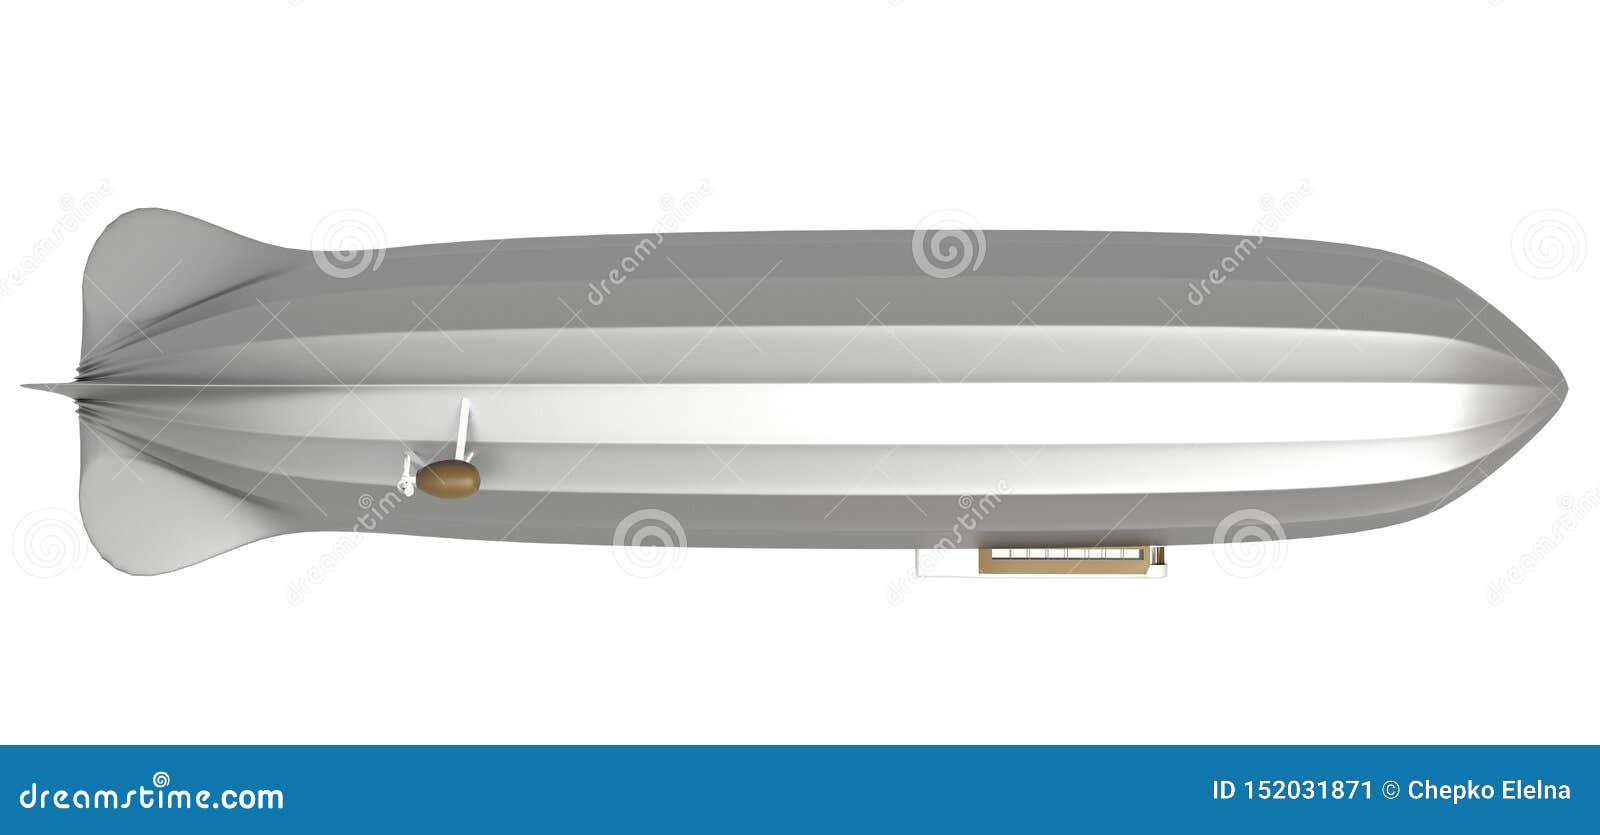 Luftschiff auf Weiß, lenkbares, Flugzeug, Zeppelin, 3d übertragen